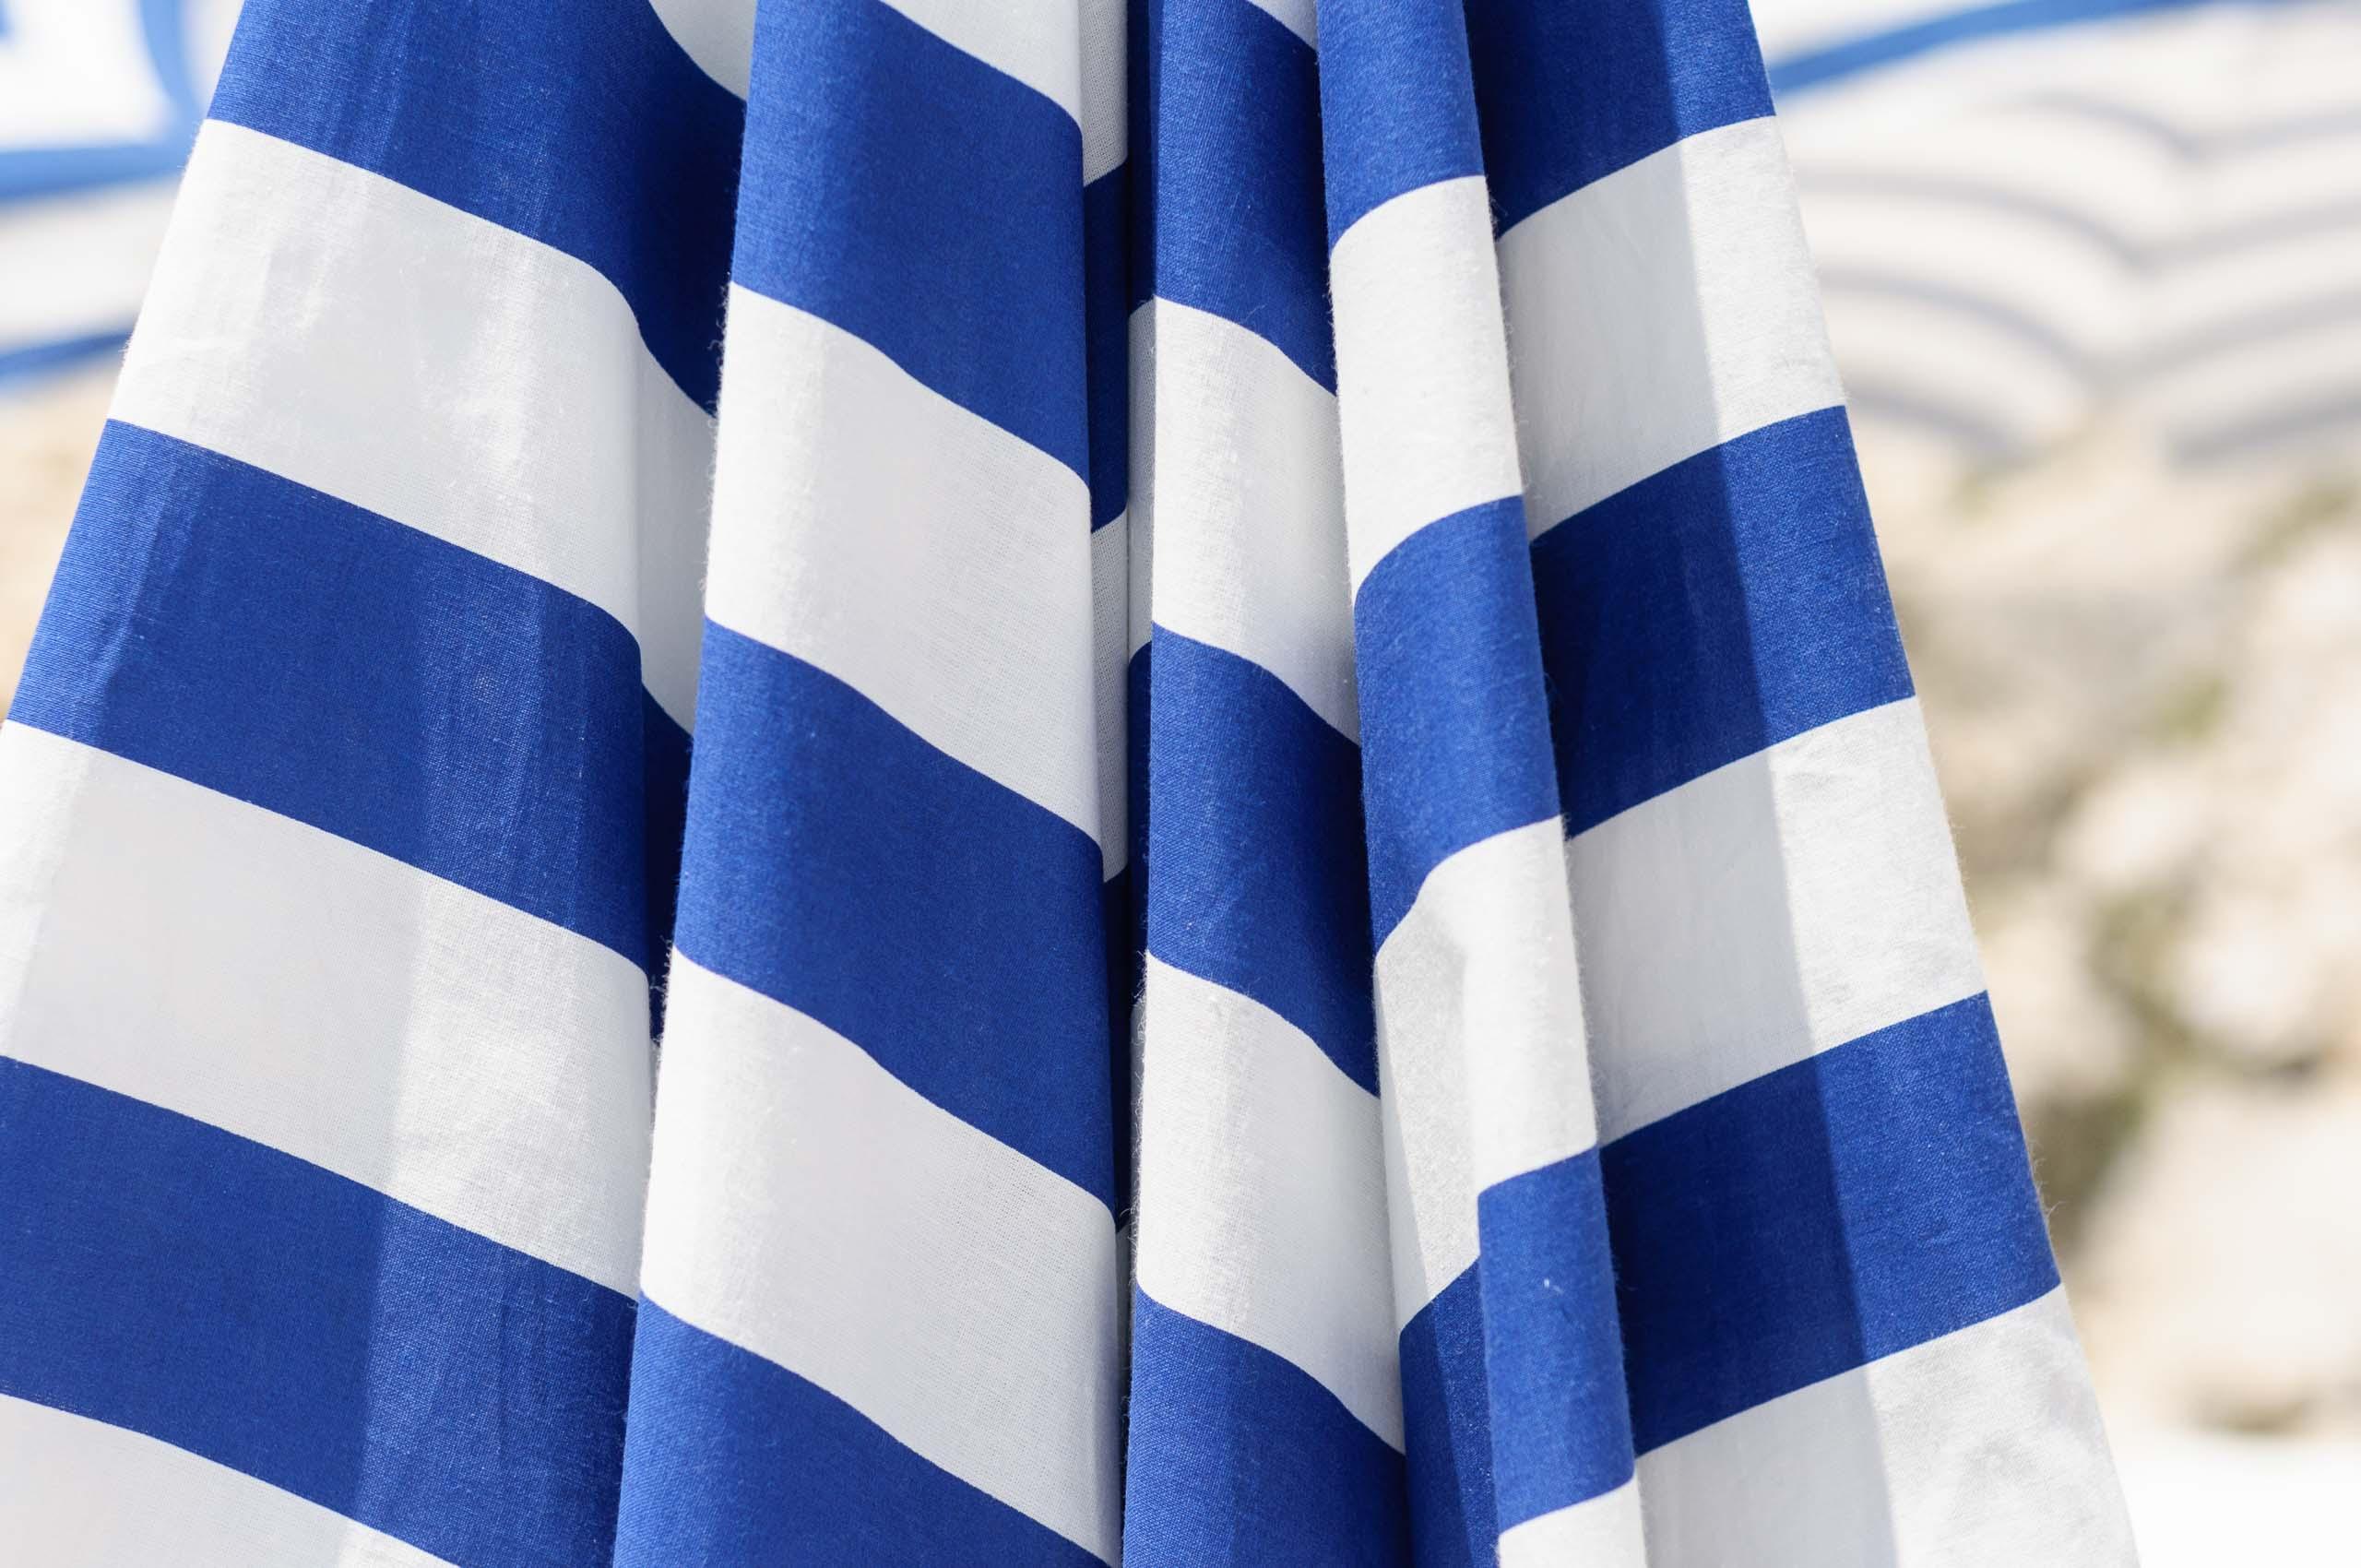 sonnenschirm,blau,weiß